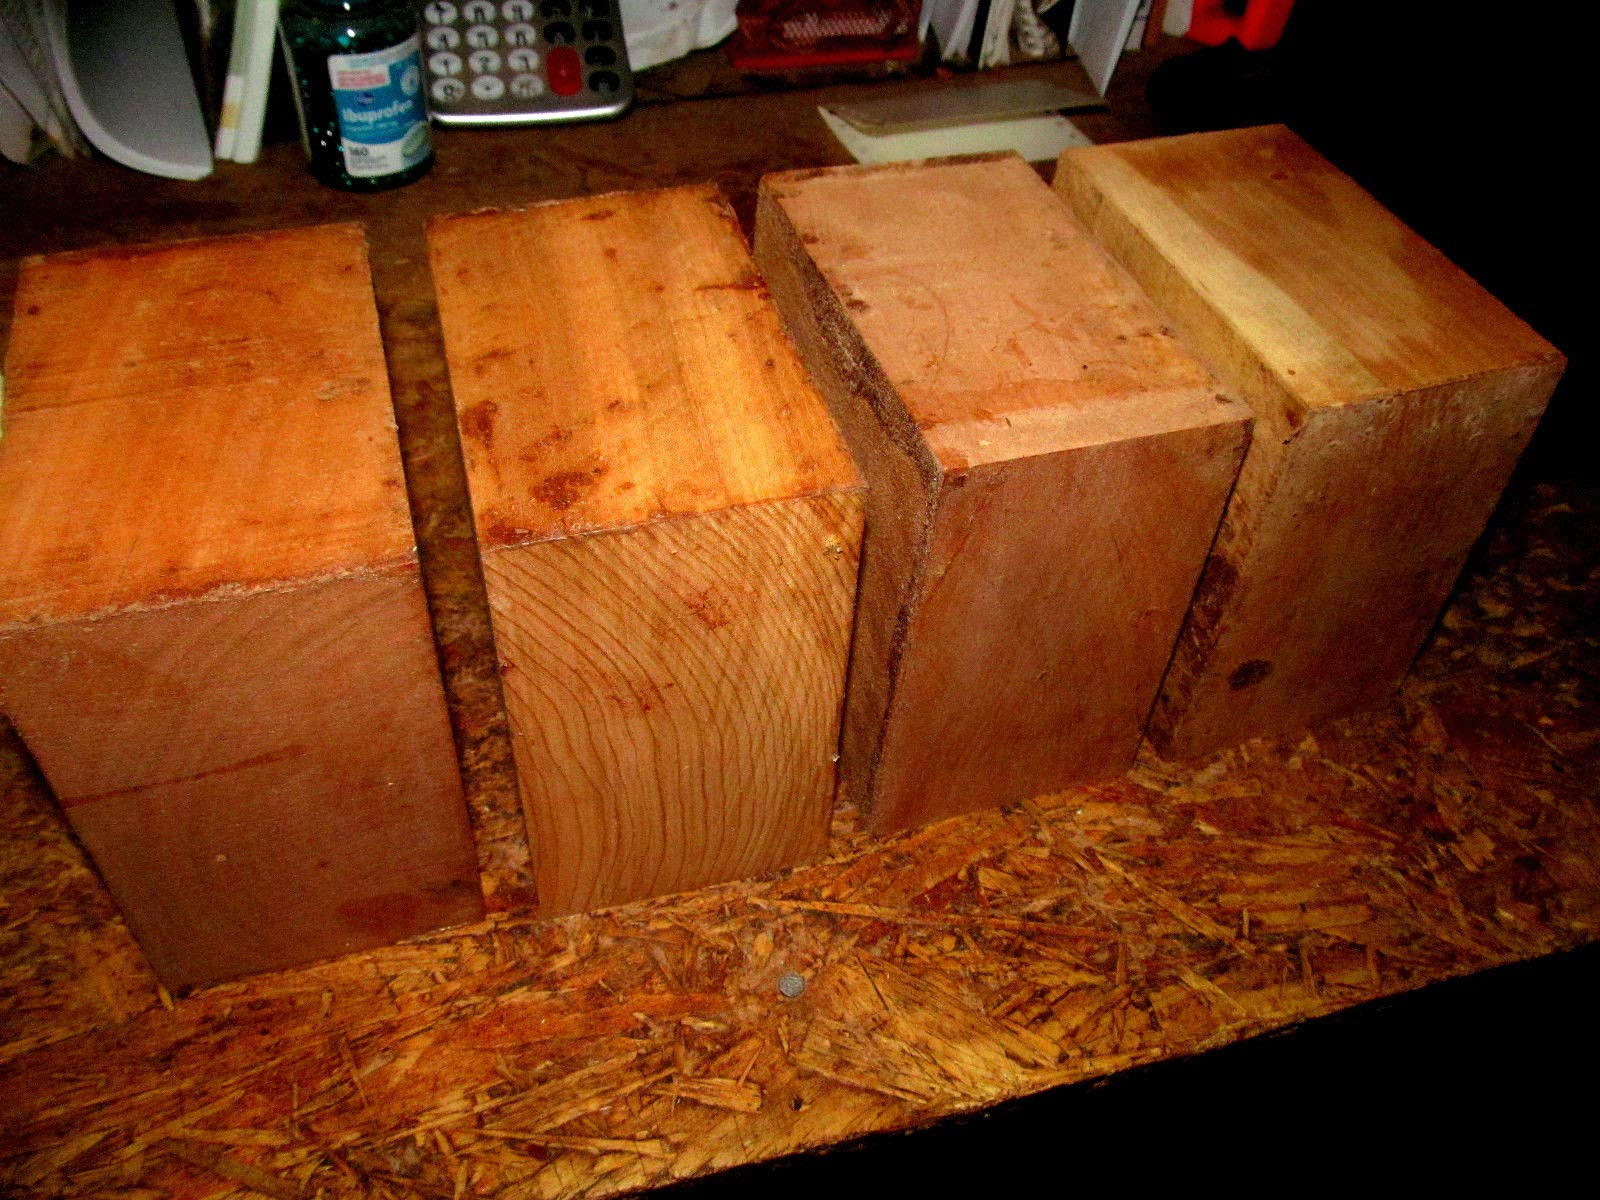 Four KILN Dried Black Cherry Bowl Blanks Lathe Turning Block 6 X 6 X 3 INCH by Workmas